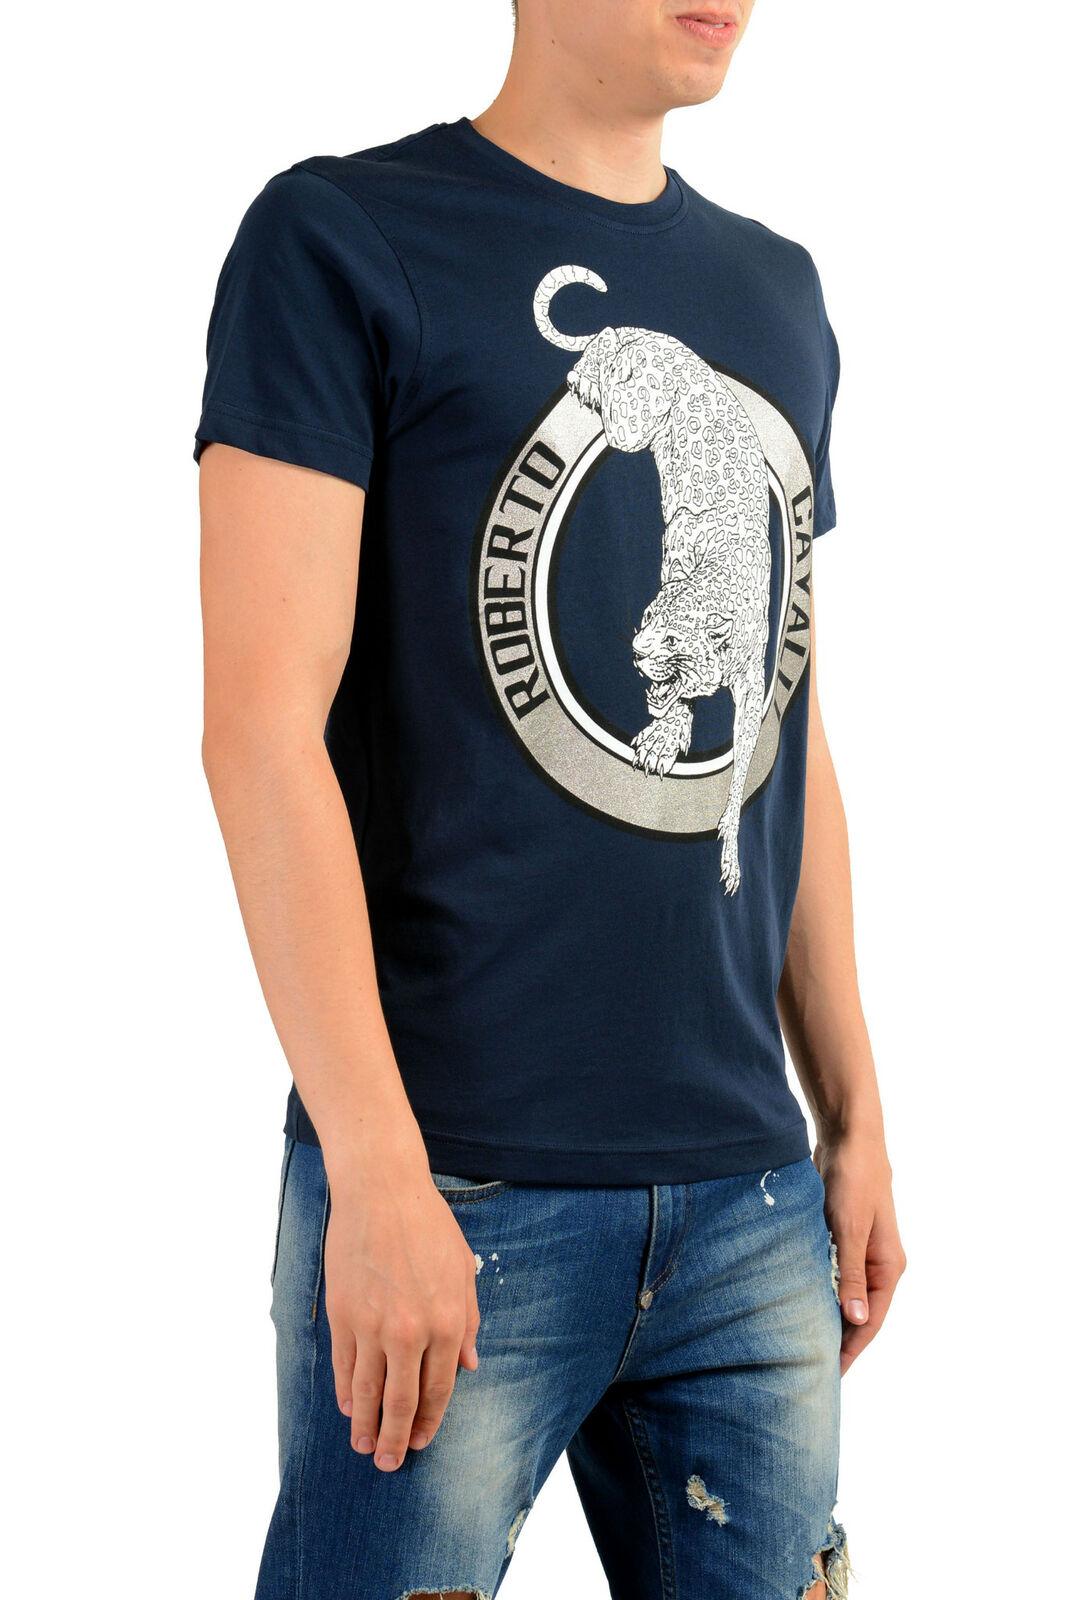 Roberto Cavalli Cavalli Cavalli Herren Blau    Bestellung willkommen  f81b5b